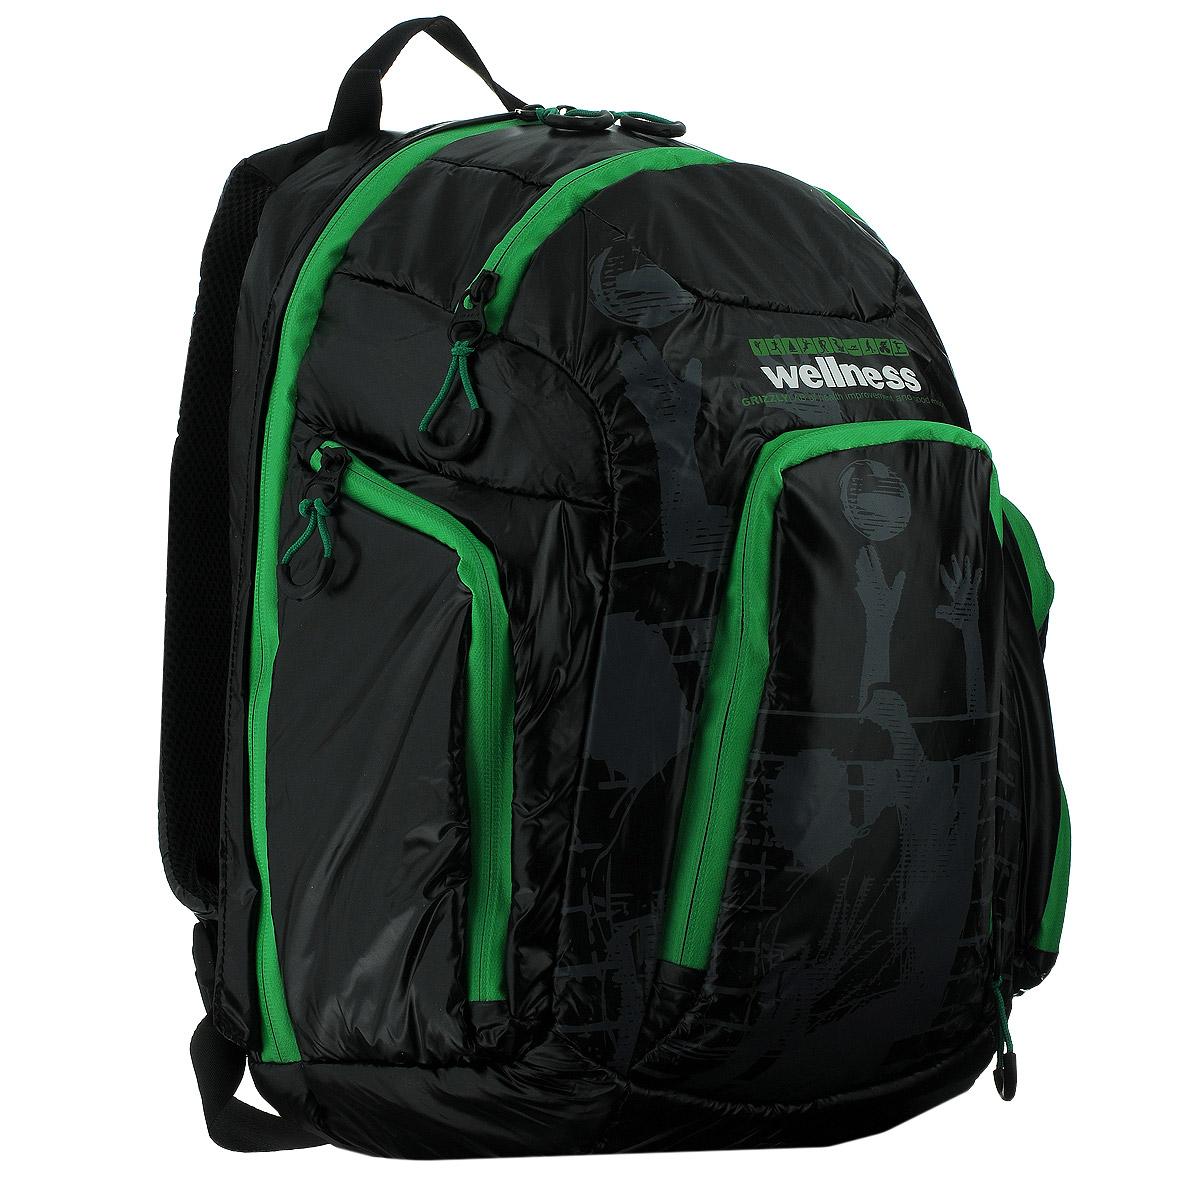 Рюкзак молодежный Grizzly, цвет: черный, зеленый. RU-417-14349Стильный молодежный рюкзак Grizzly выполнен из нейлона черного цвета и оформлен оригинальным принтом. Рюкзак оснащен одним большим отделением, закрывающимся на застежку-молнию. На передней стенке расположено 2 кармана, закрывающихся на застежки-молнии. По бокам 2 объемных кармана с застежками-молниями. Внутри расположен карман. Рюкзак оснащен лямками, мягкой спинкой и текстильной ручкой для удобной переноски.